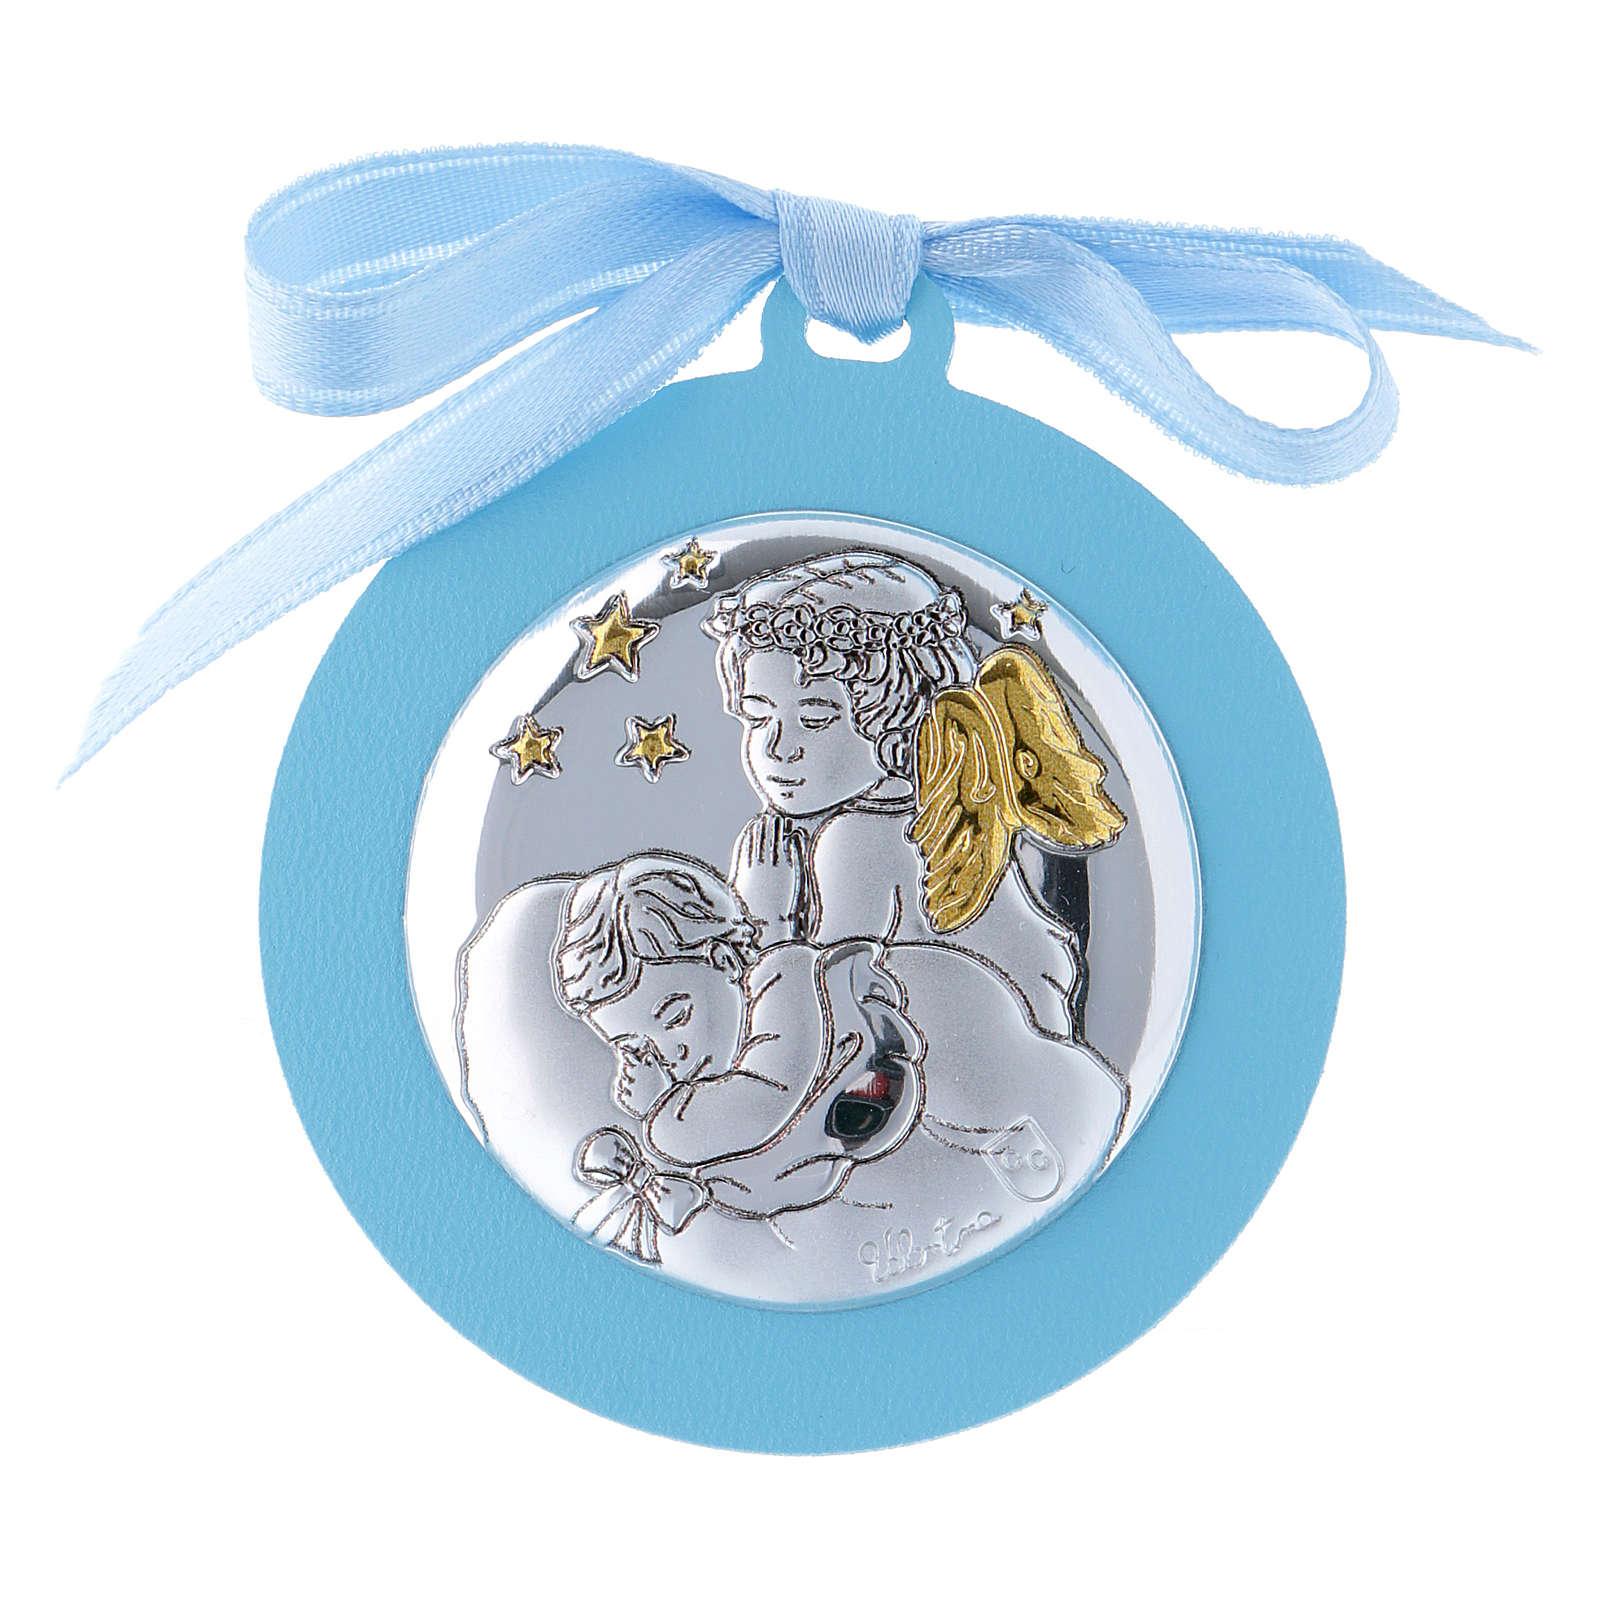 Sopraculla Angeli con stelle nastro azzurro bilaminato finiture oro 4 cm 4